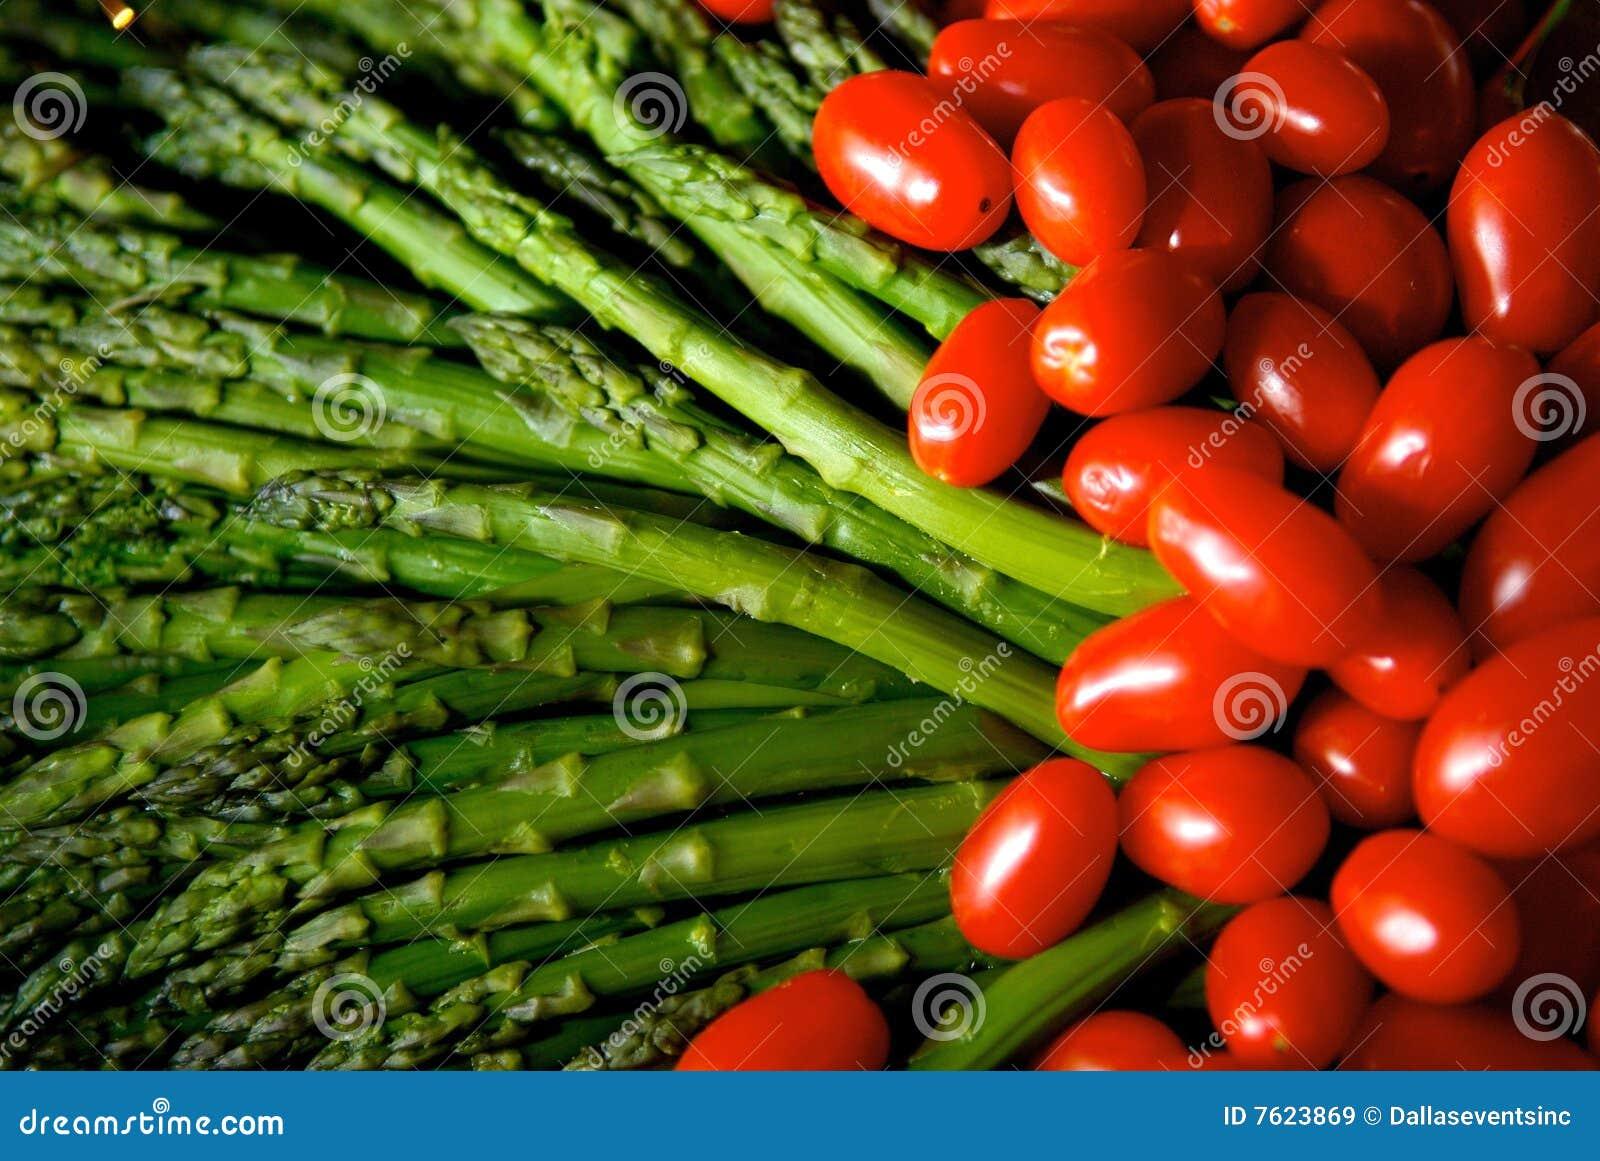 芦笋明亮地色的成熟蕃茄